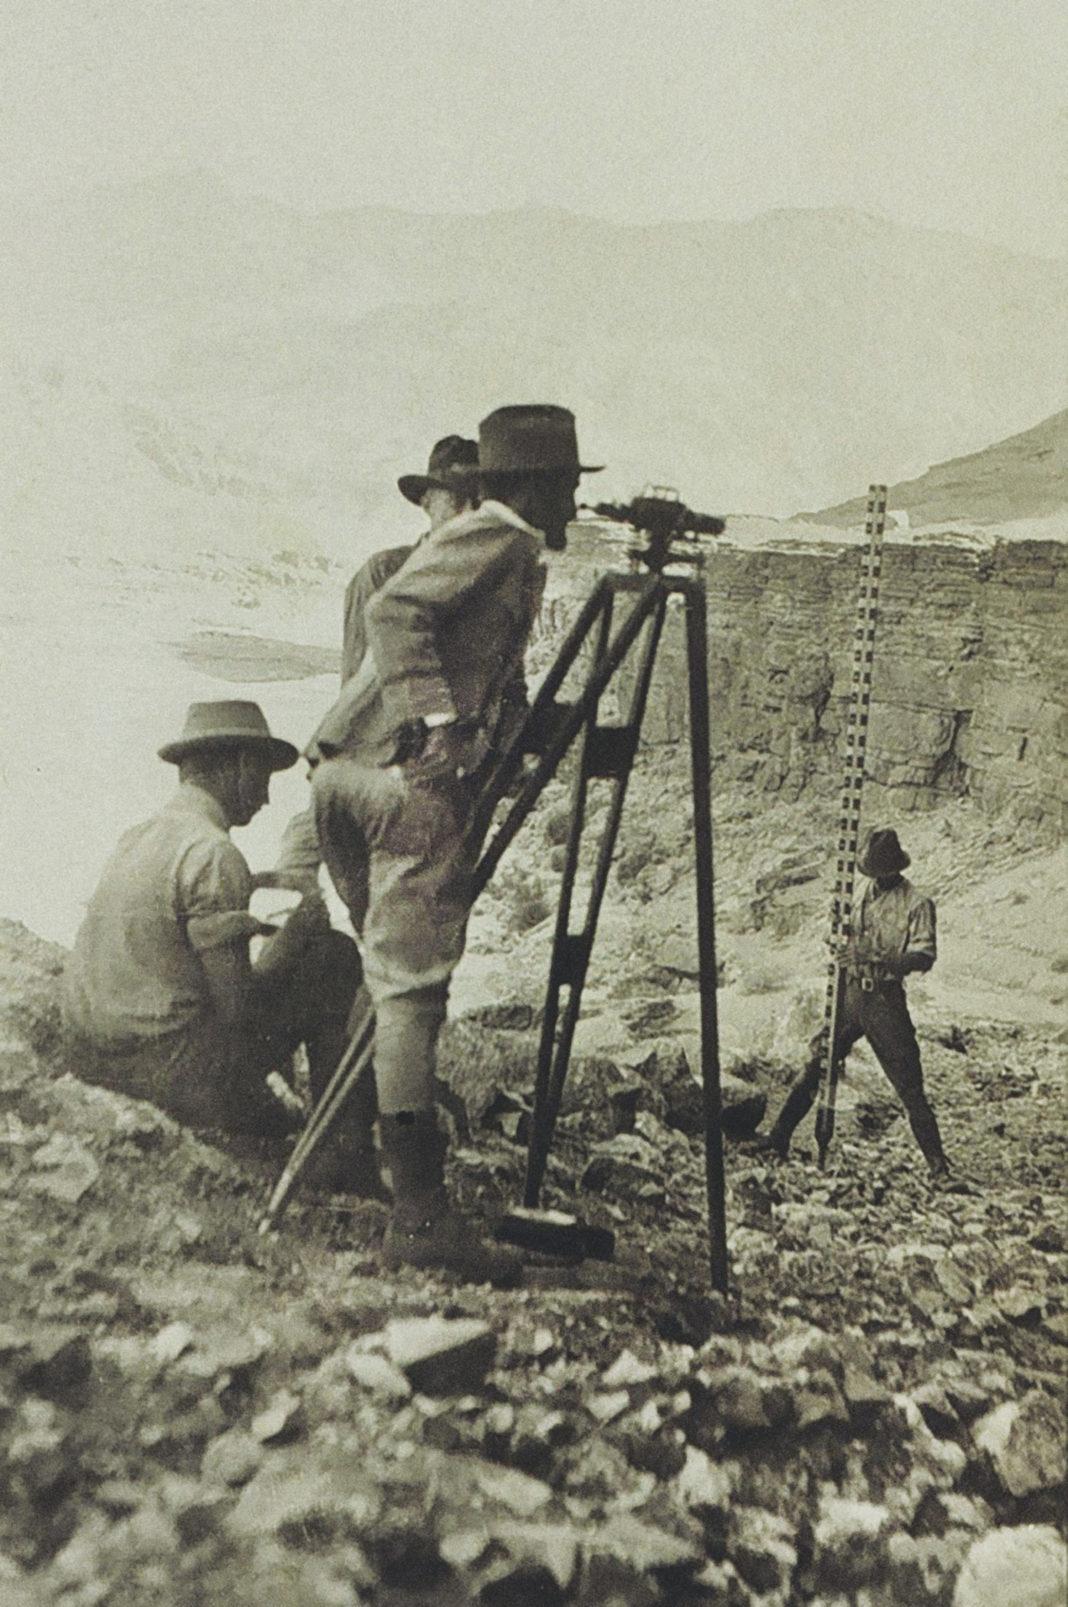 surveyors using a Fischer level